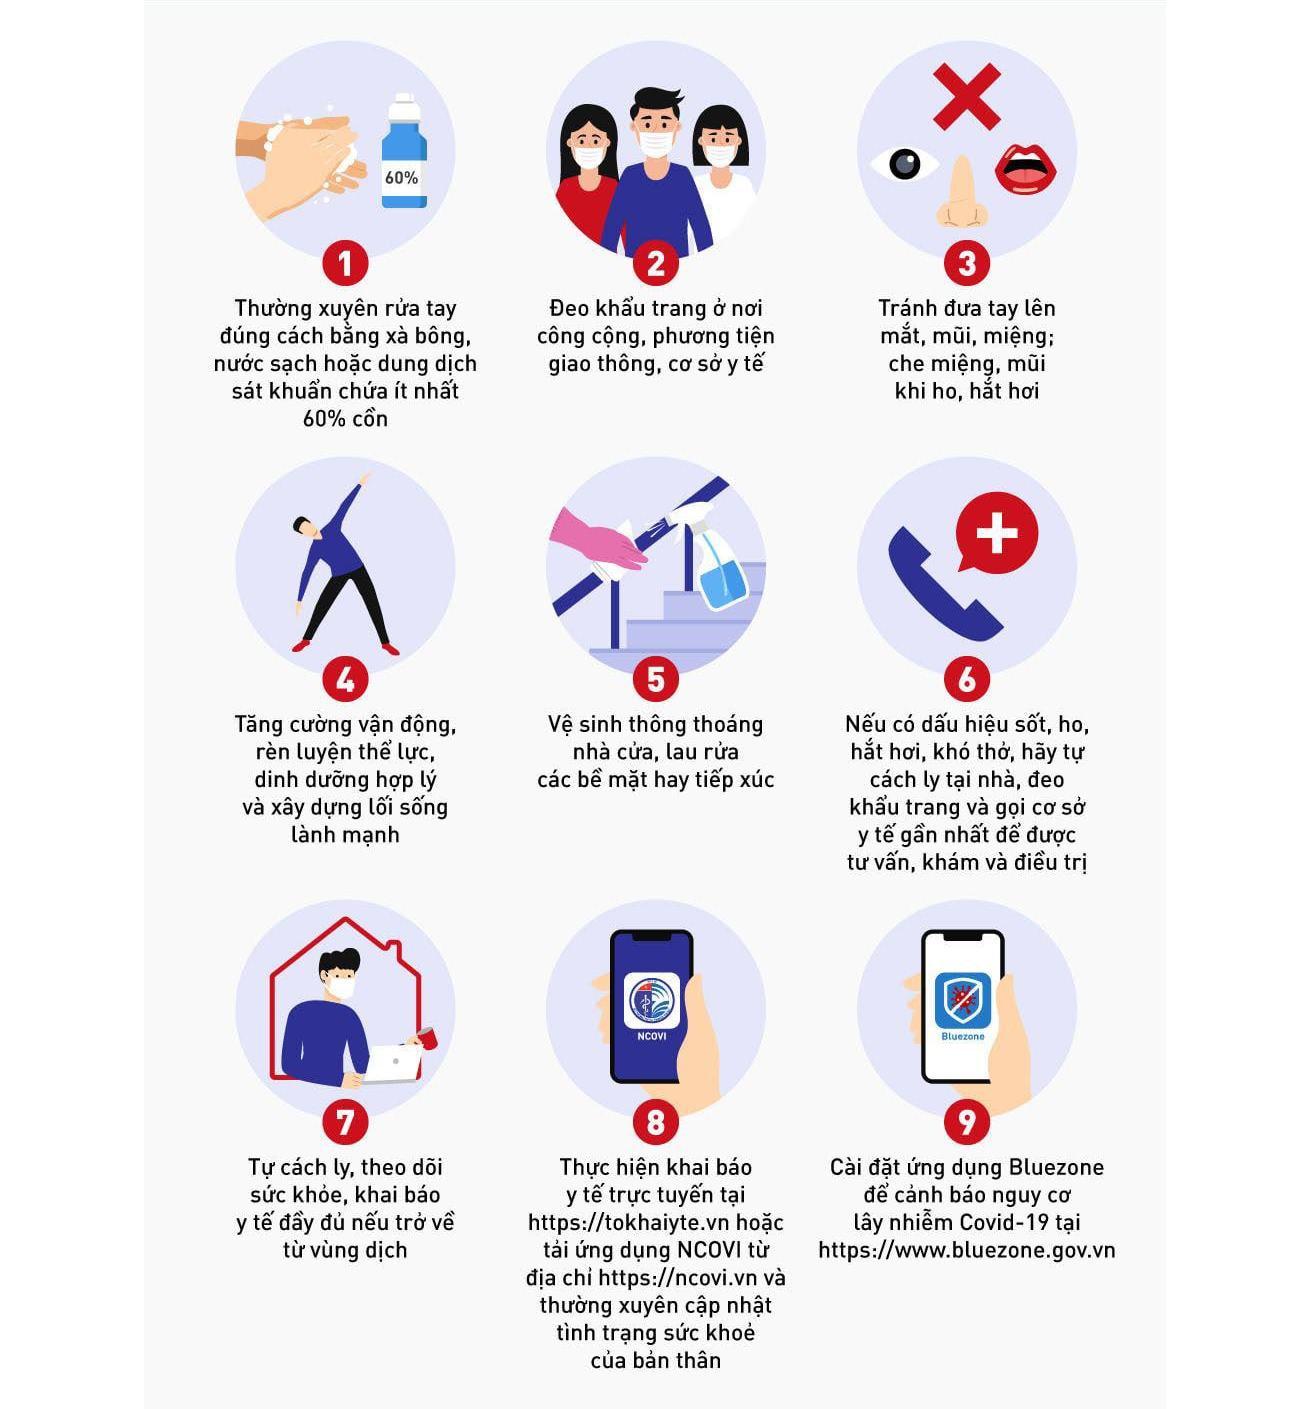 Bộ Y tế khuyến cáo 9 biện pháp mới phòng dịch Covid-19